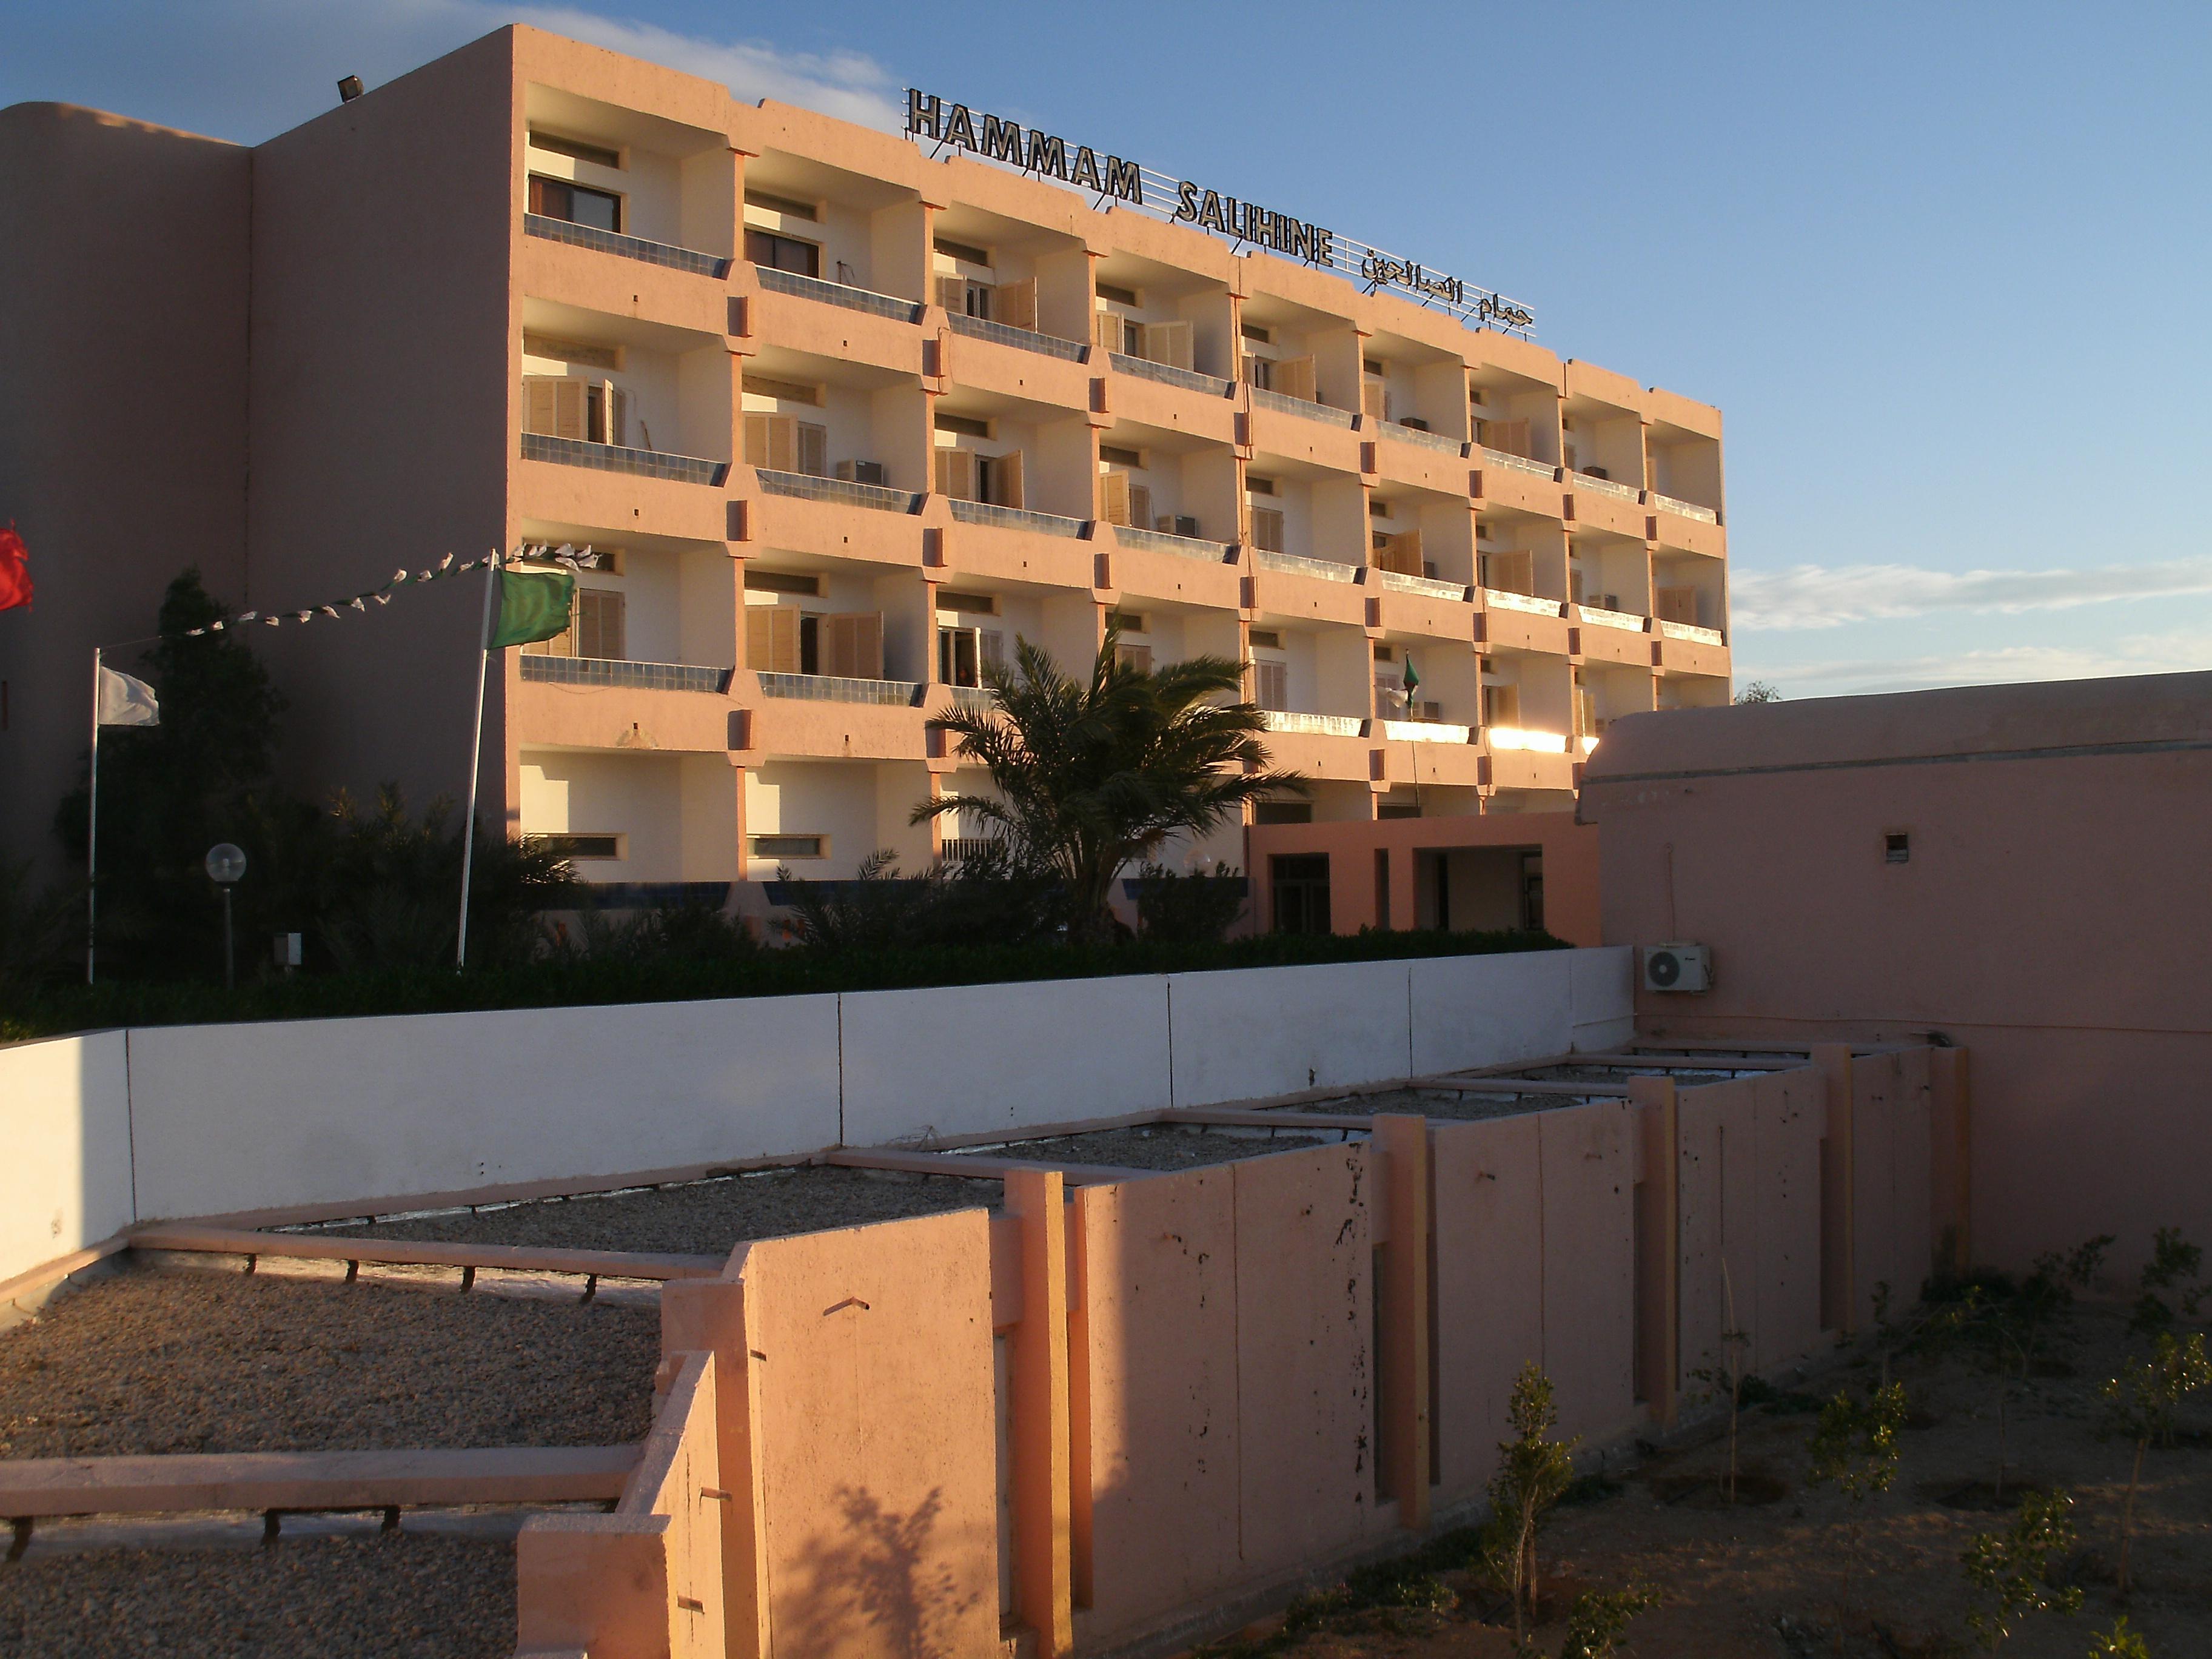 Complexes en alg rie complexe touristique hamma salihine for Les prix des hotel